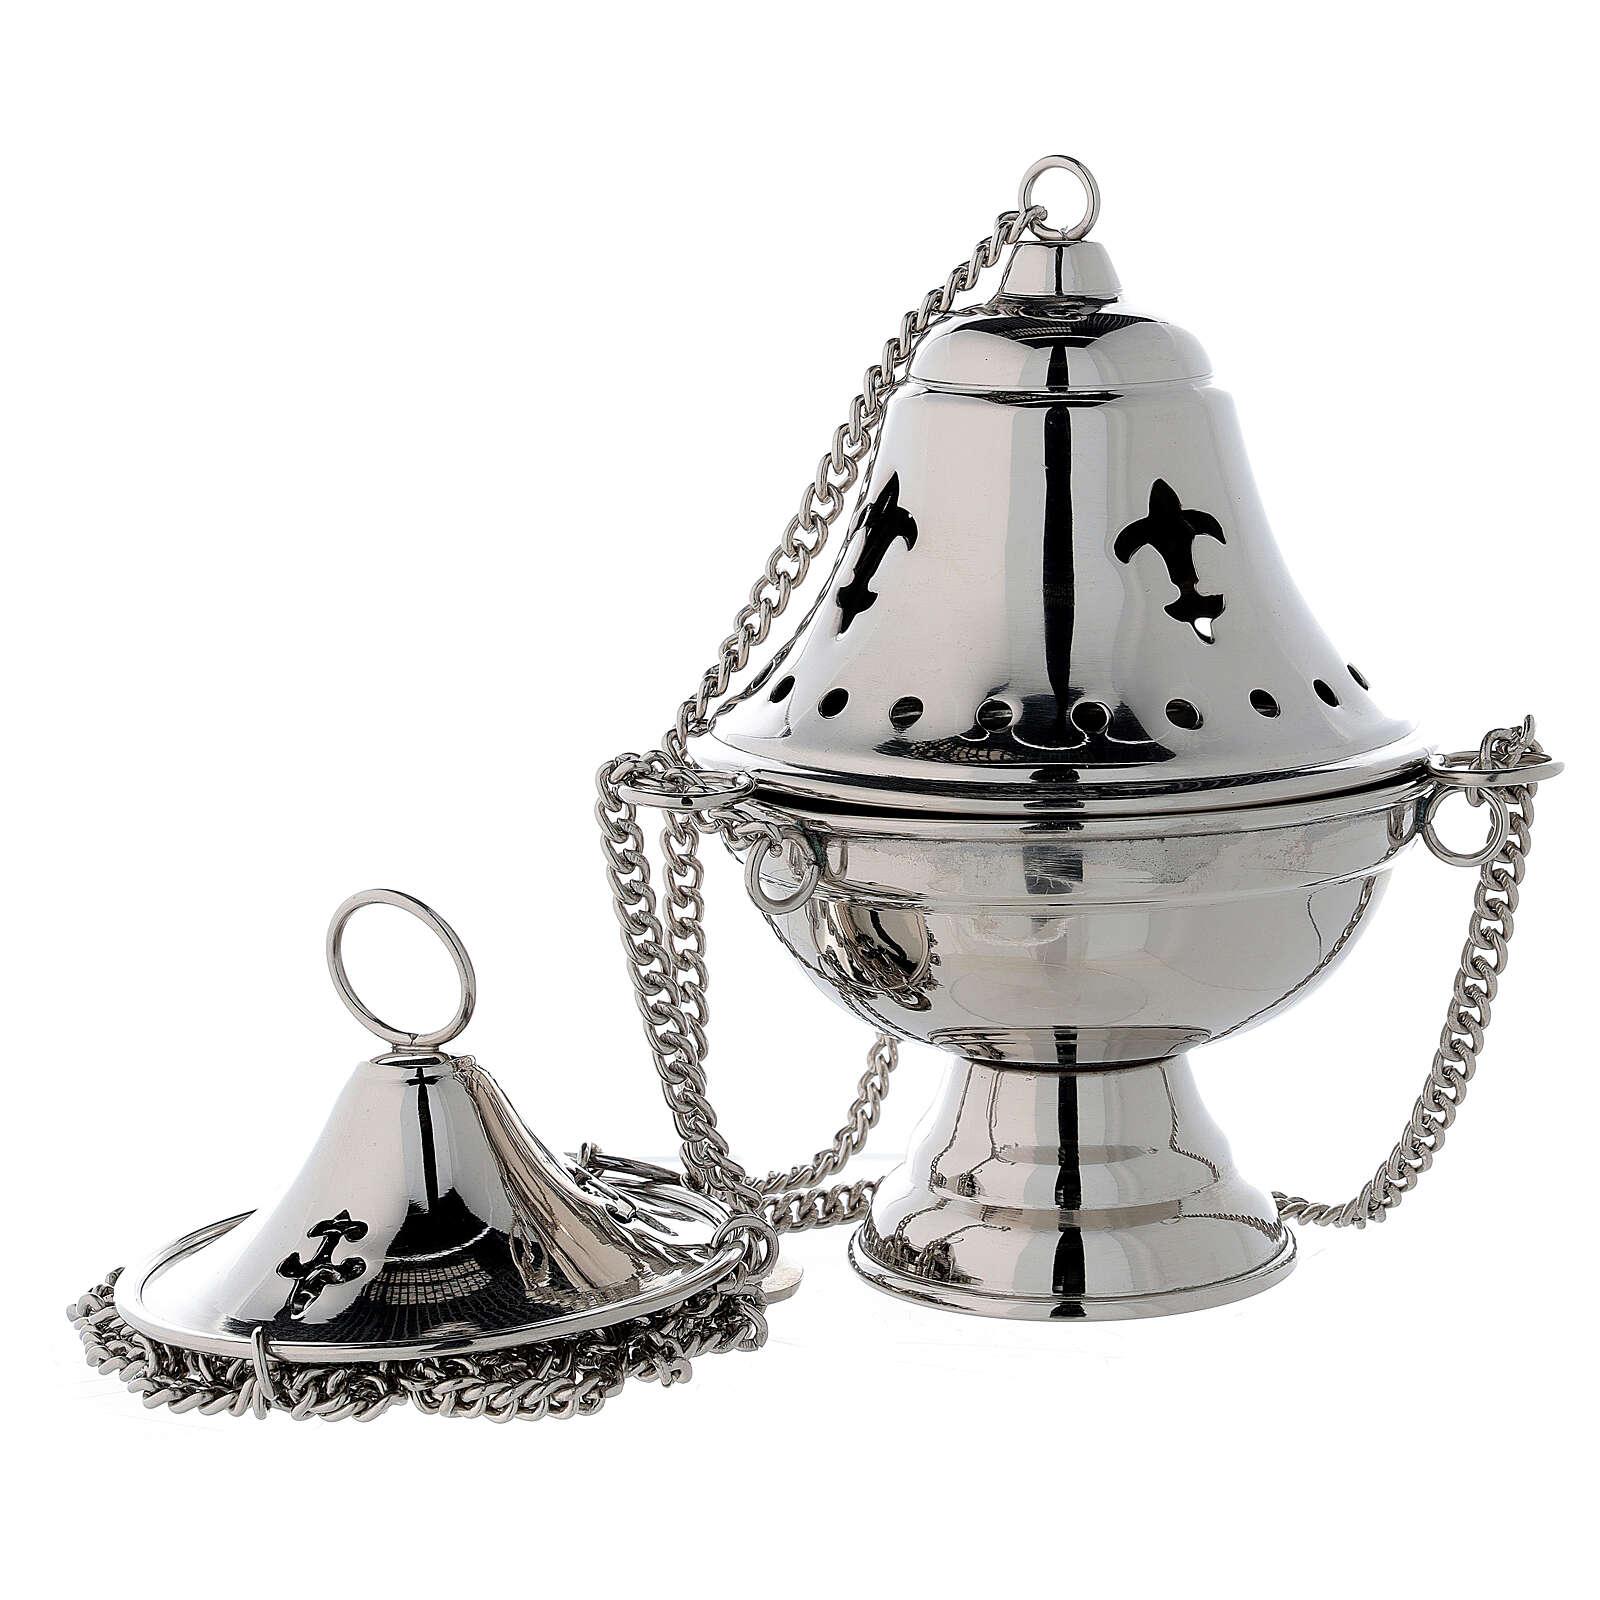 Turibolo coperchio campana ottone nichelato h 17 cm 3